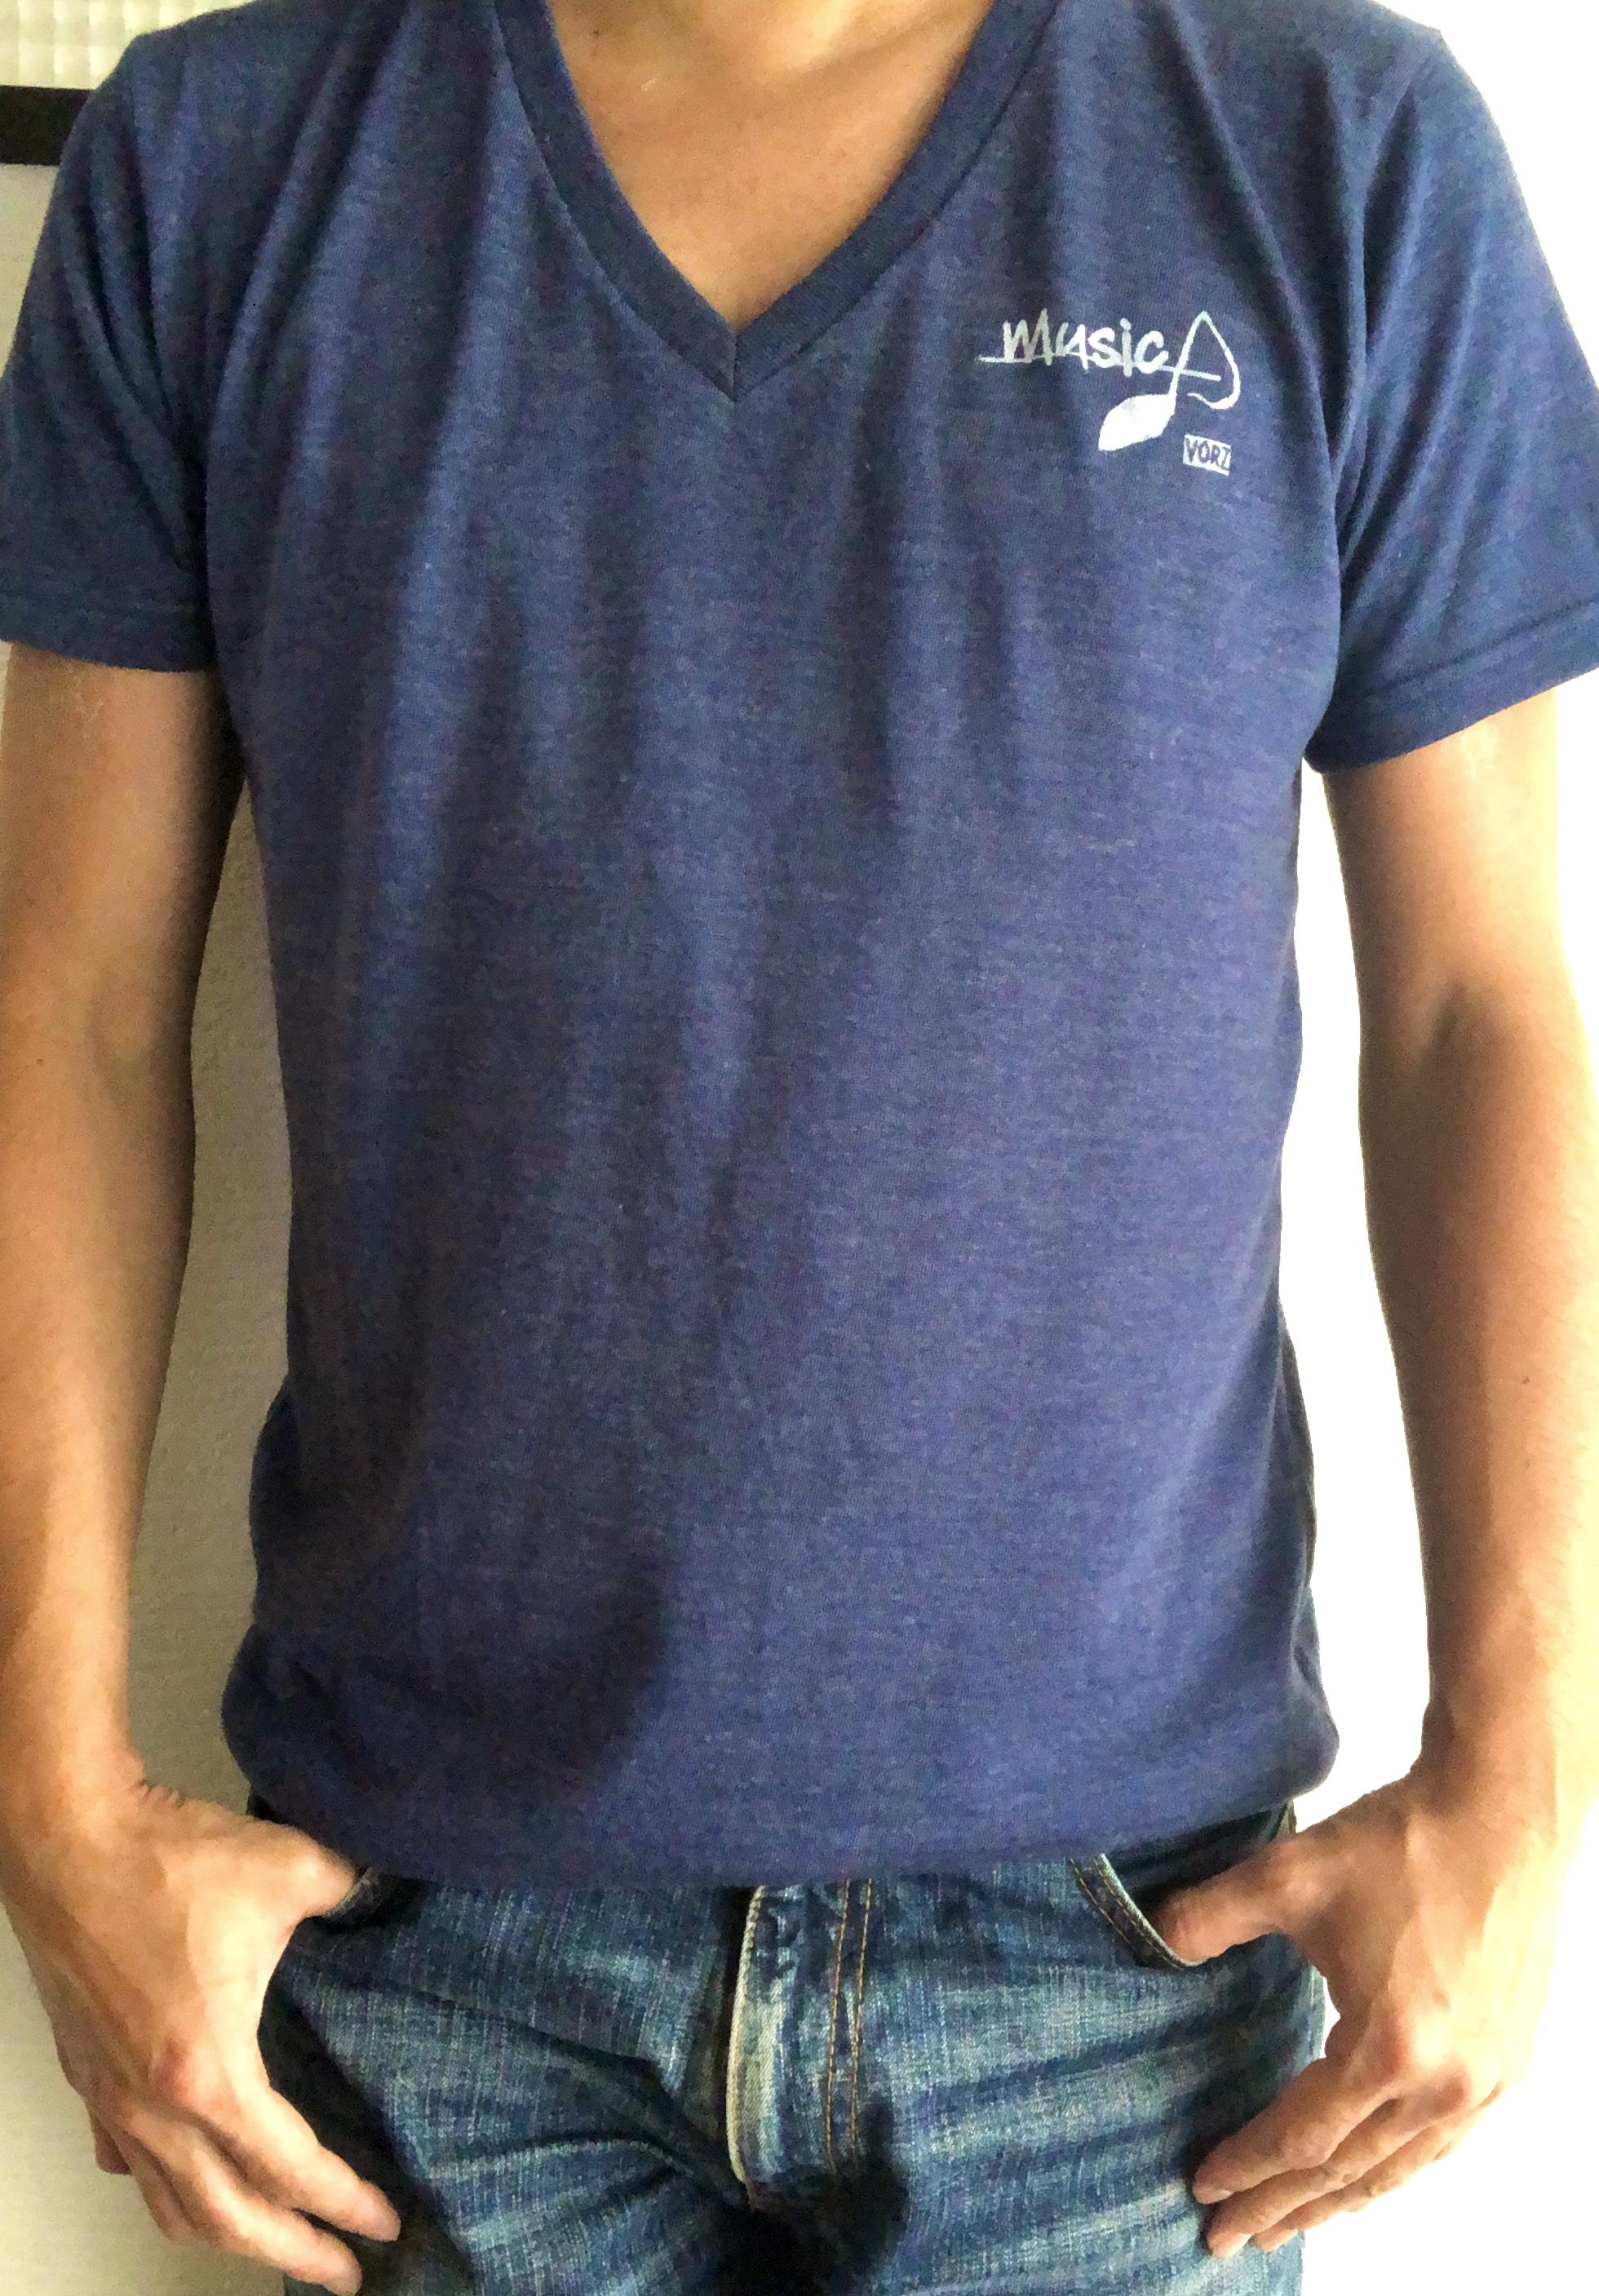 V-neck Tシャツ music